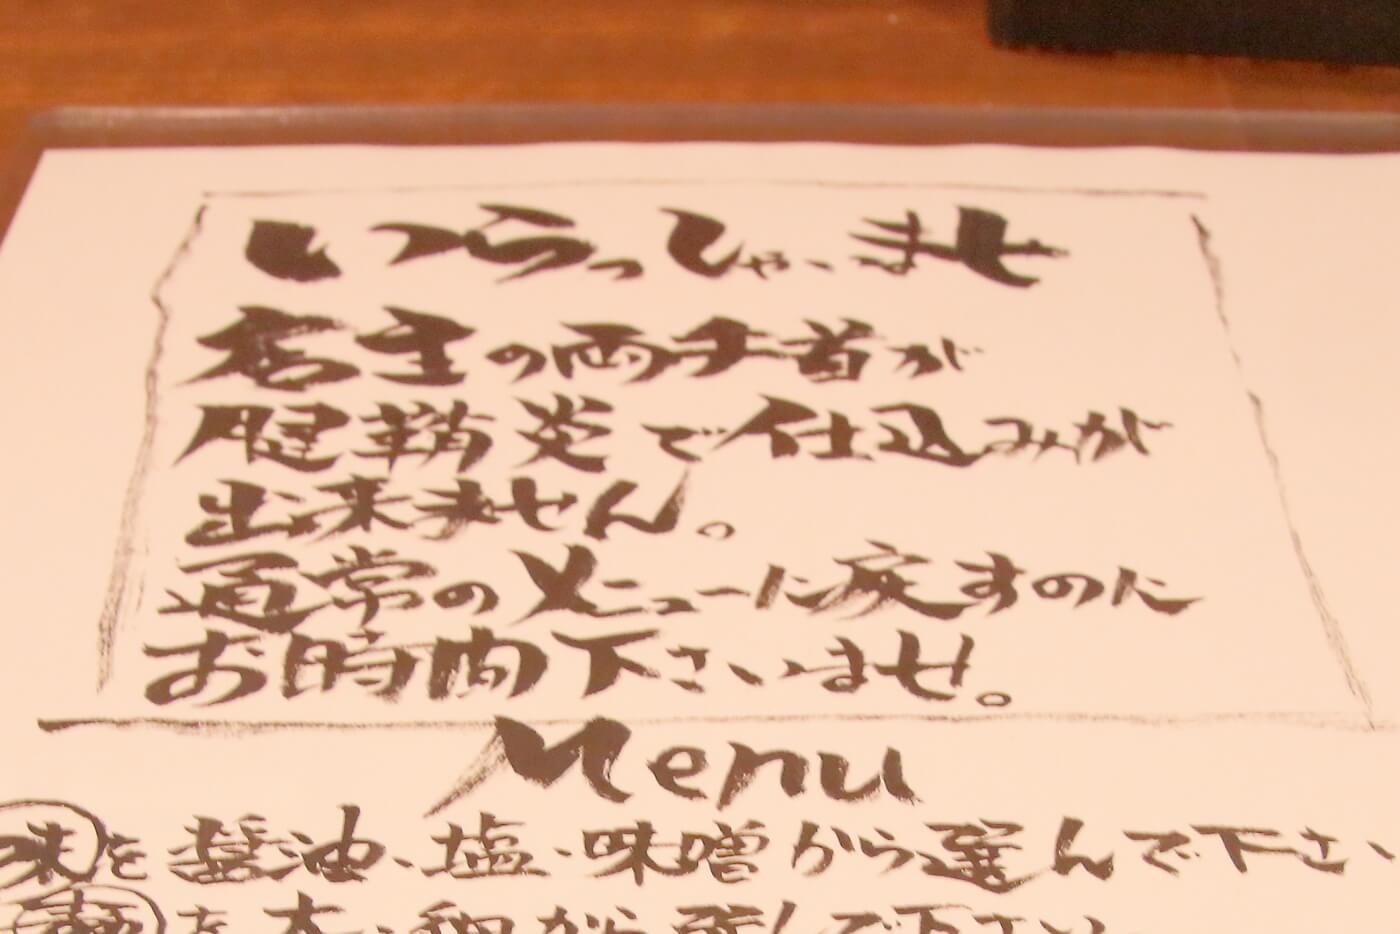 ジェントル麺喰楽部 メニューの但し書き